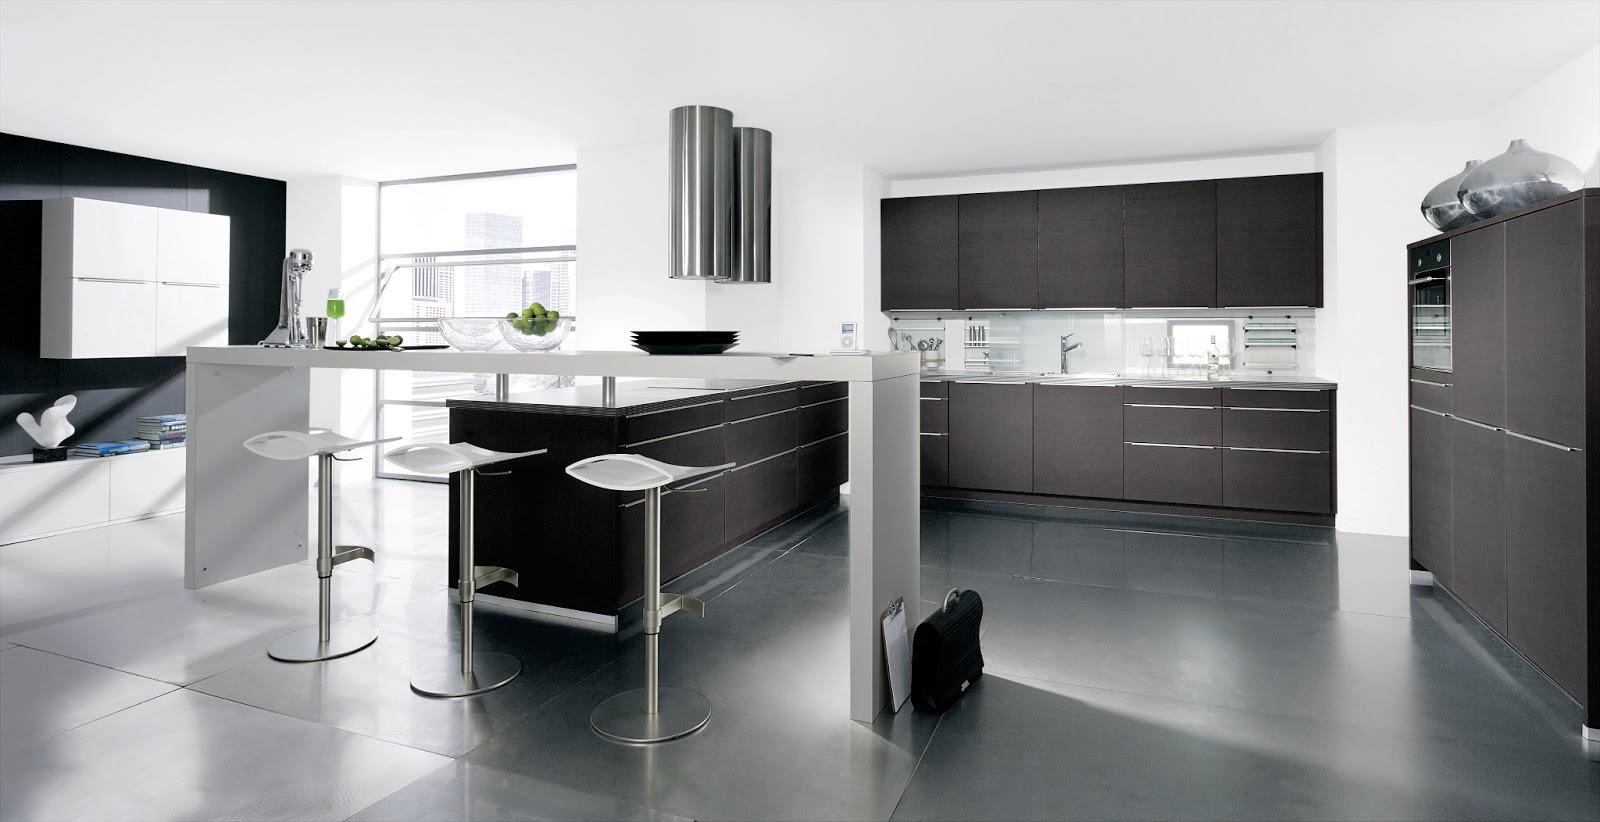 decoration cuisine wenge avec des id es int ressantes pour la conception de la. Black Bedroom Furniture Sets. Home Design Ideas